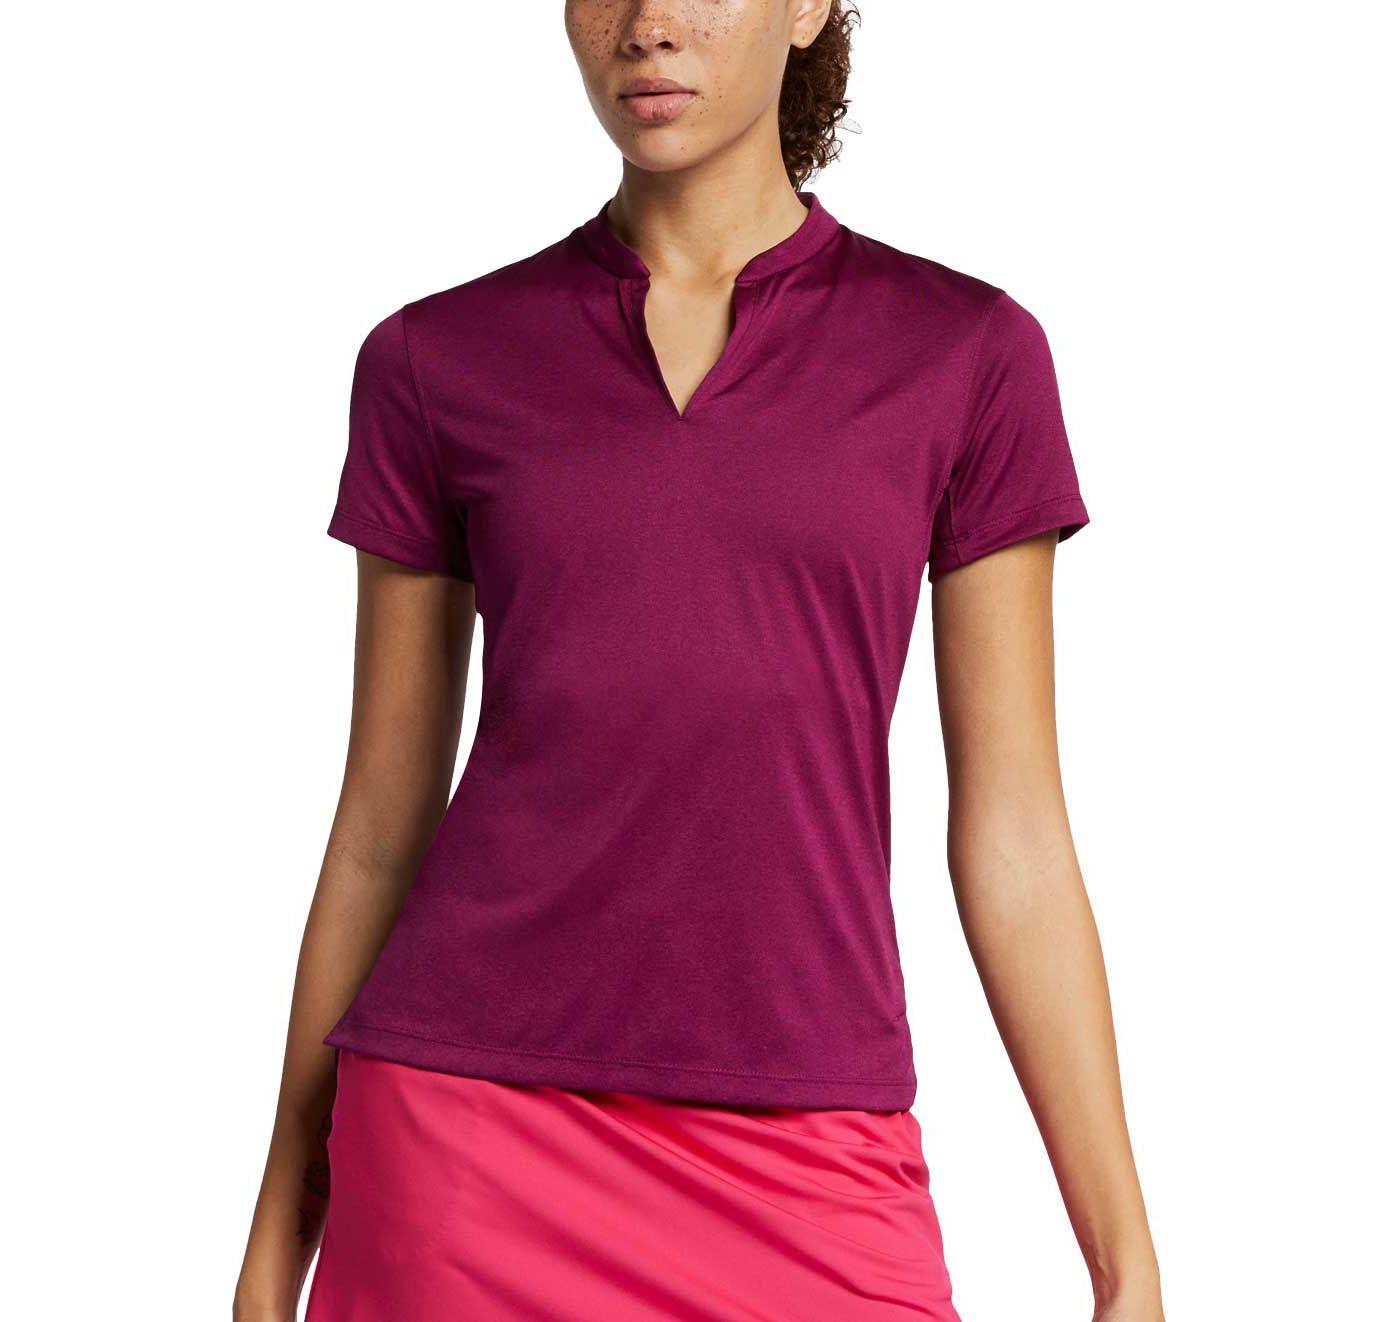 Nike Women's TechKnit Cool Golf Polo